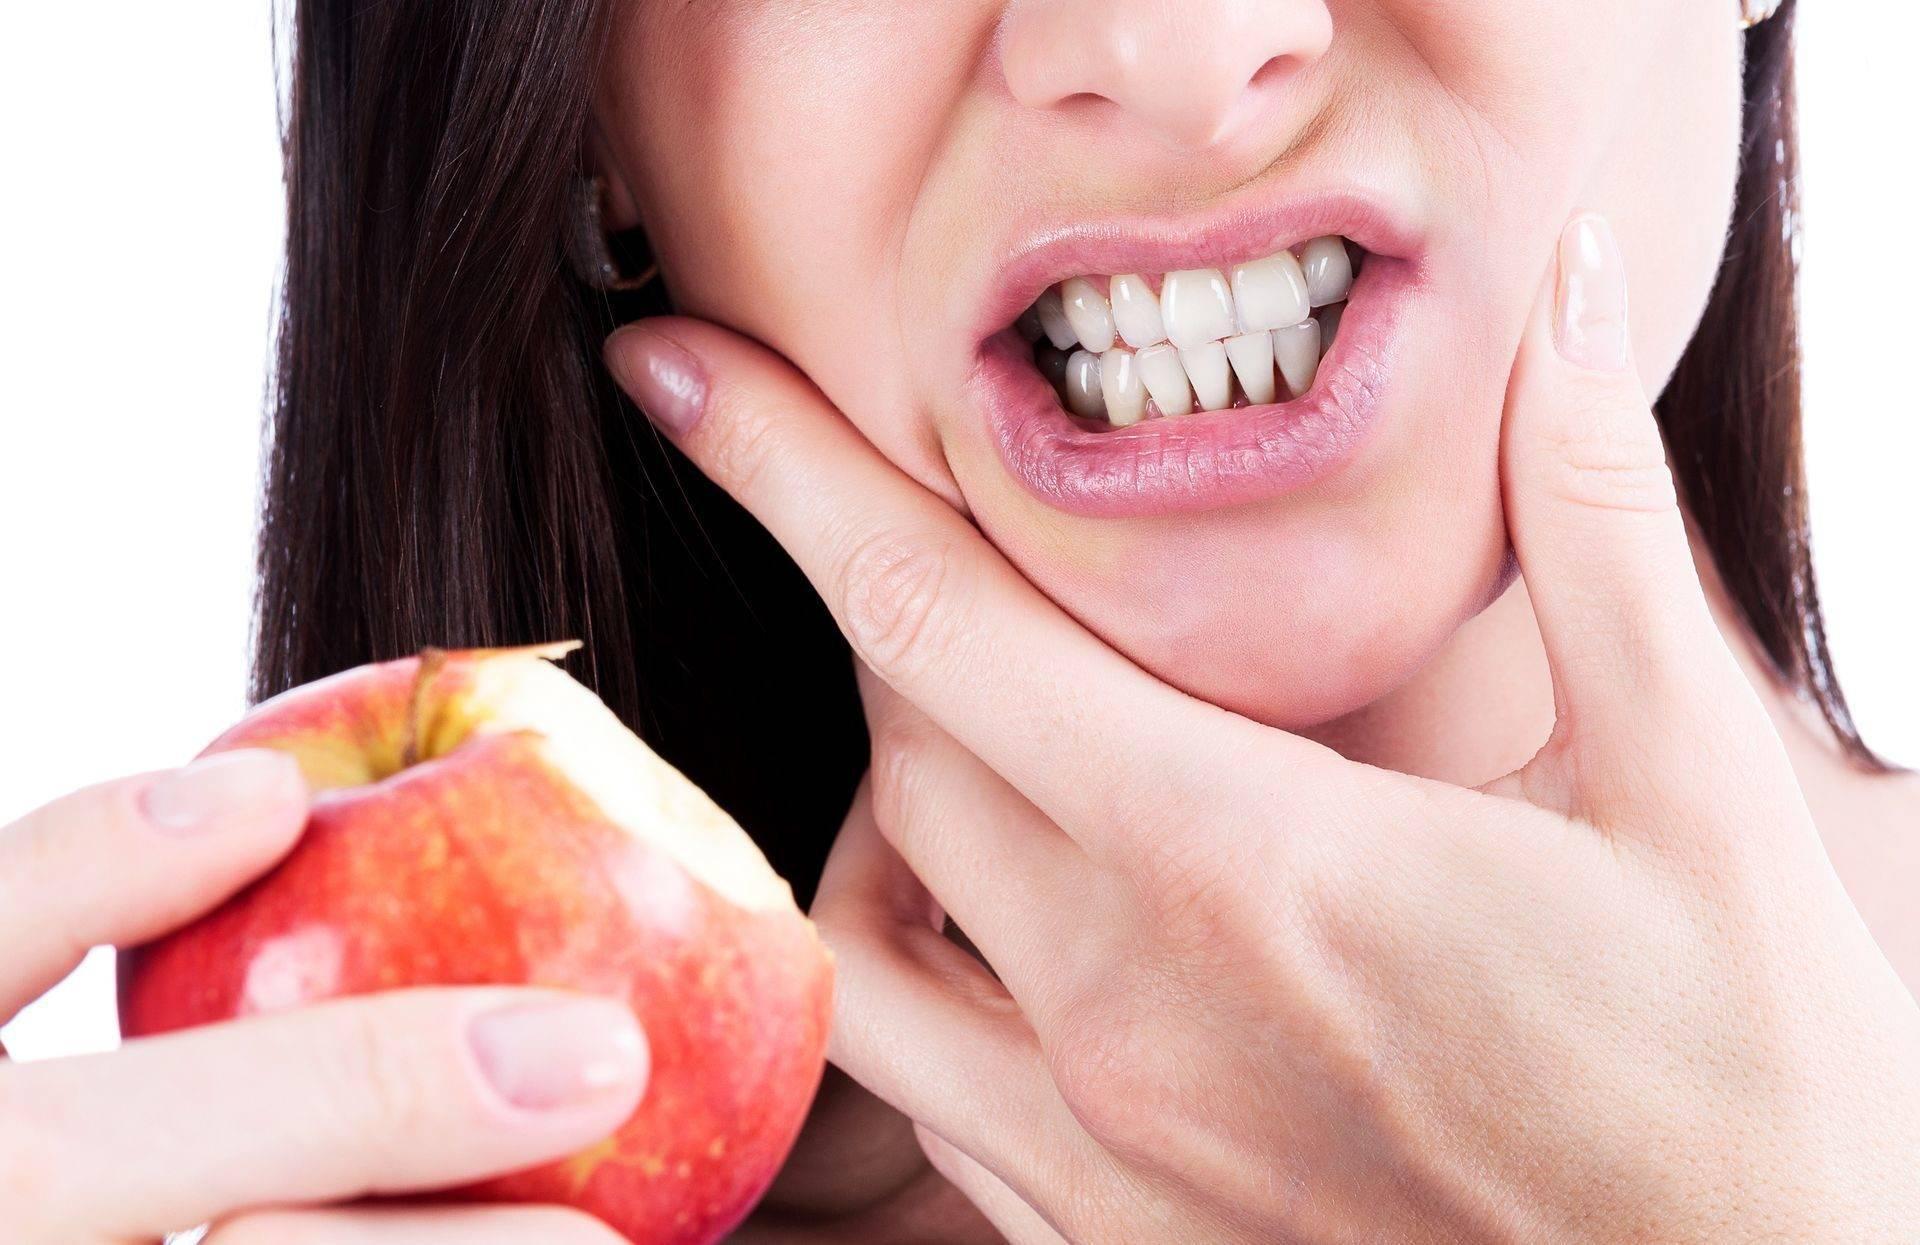 Гиперестезия зубов